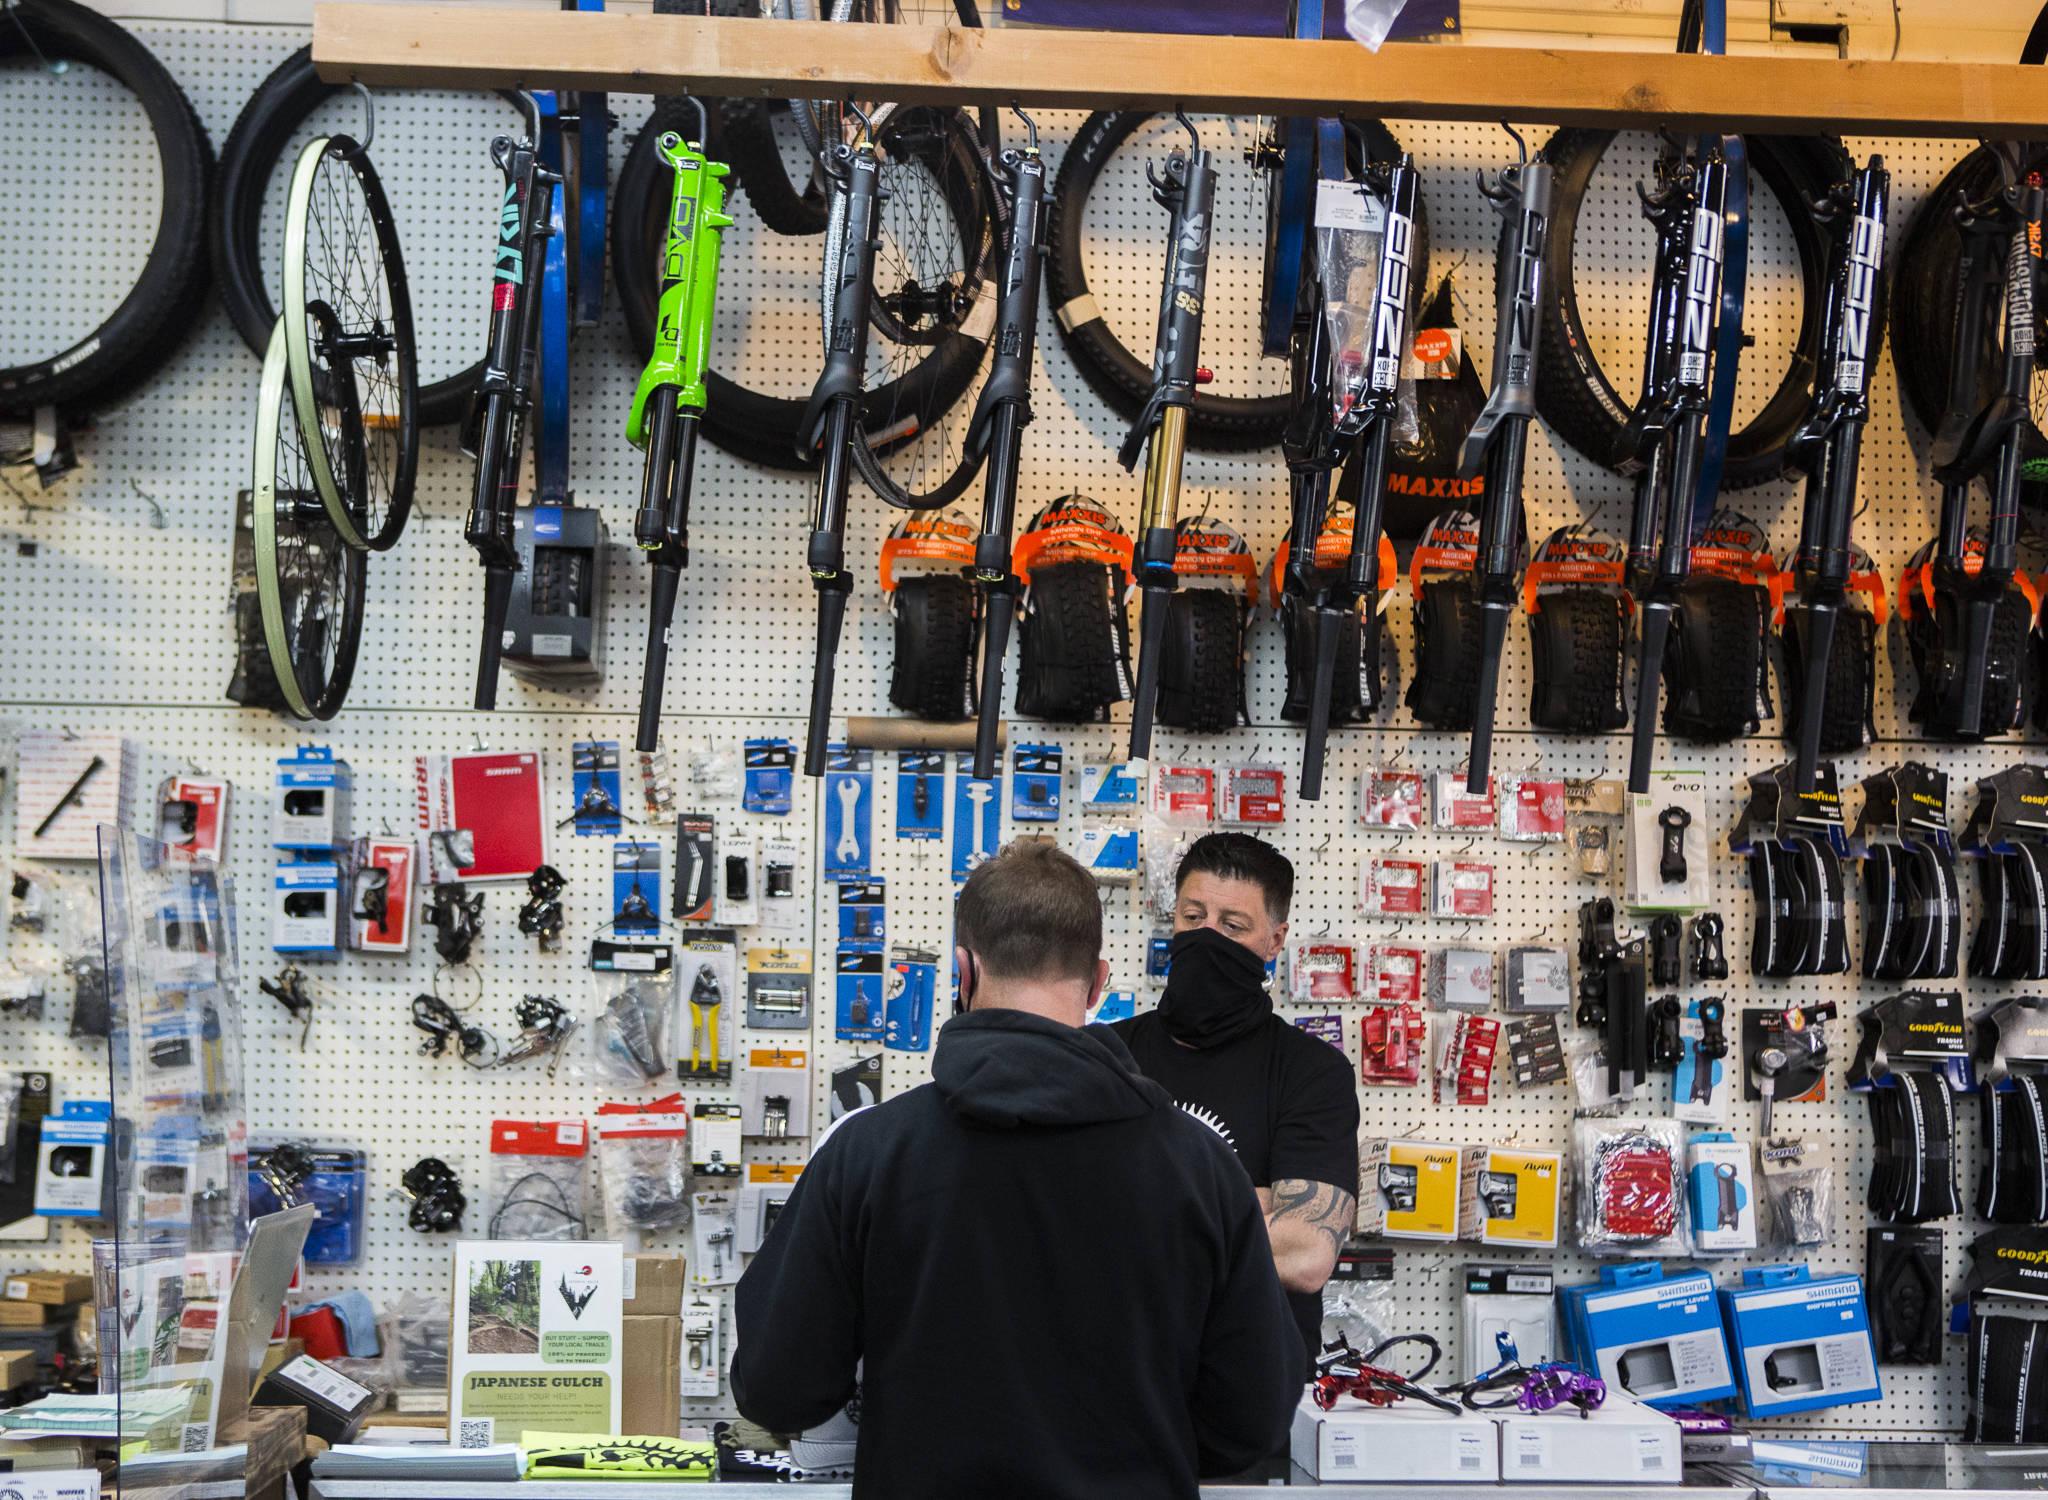 Jay Hiester, propriétaire de Tim ?? s Bike Shop, aide un client à choisir un pneu arrière vendredi à Everett.  (Olivia Vanni / Le héraut)